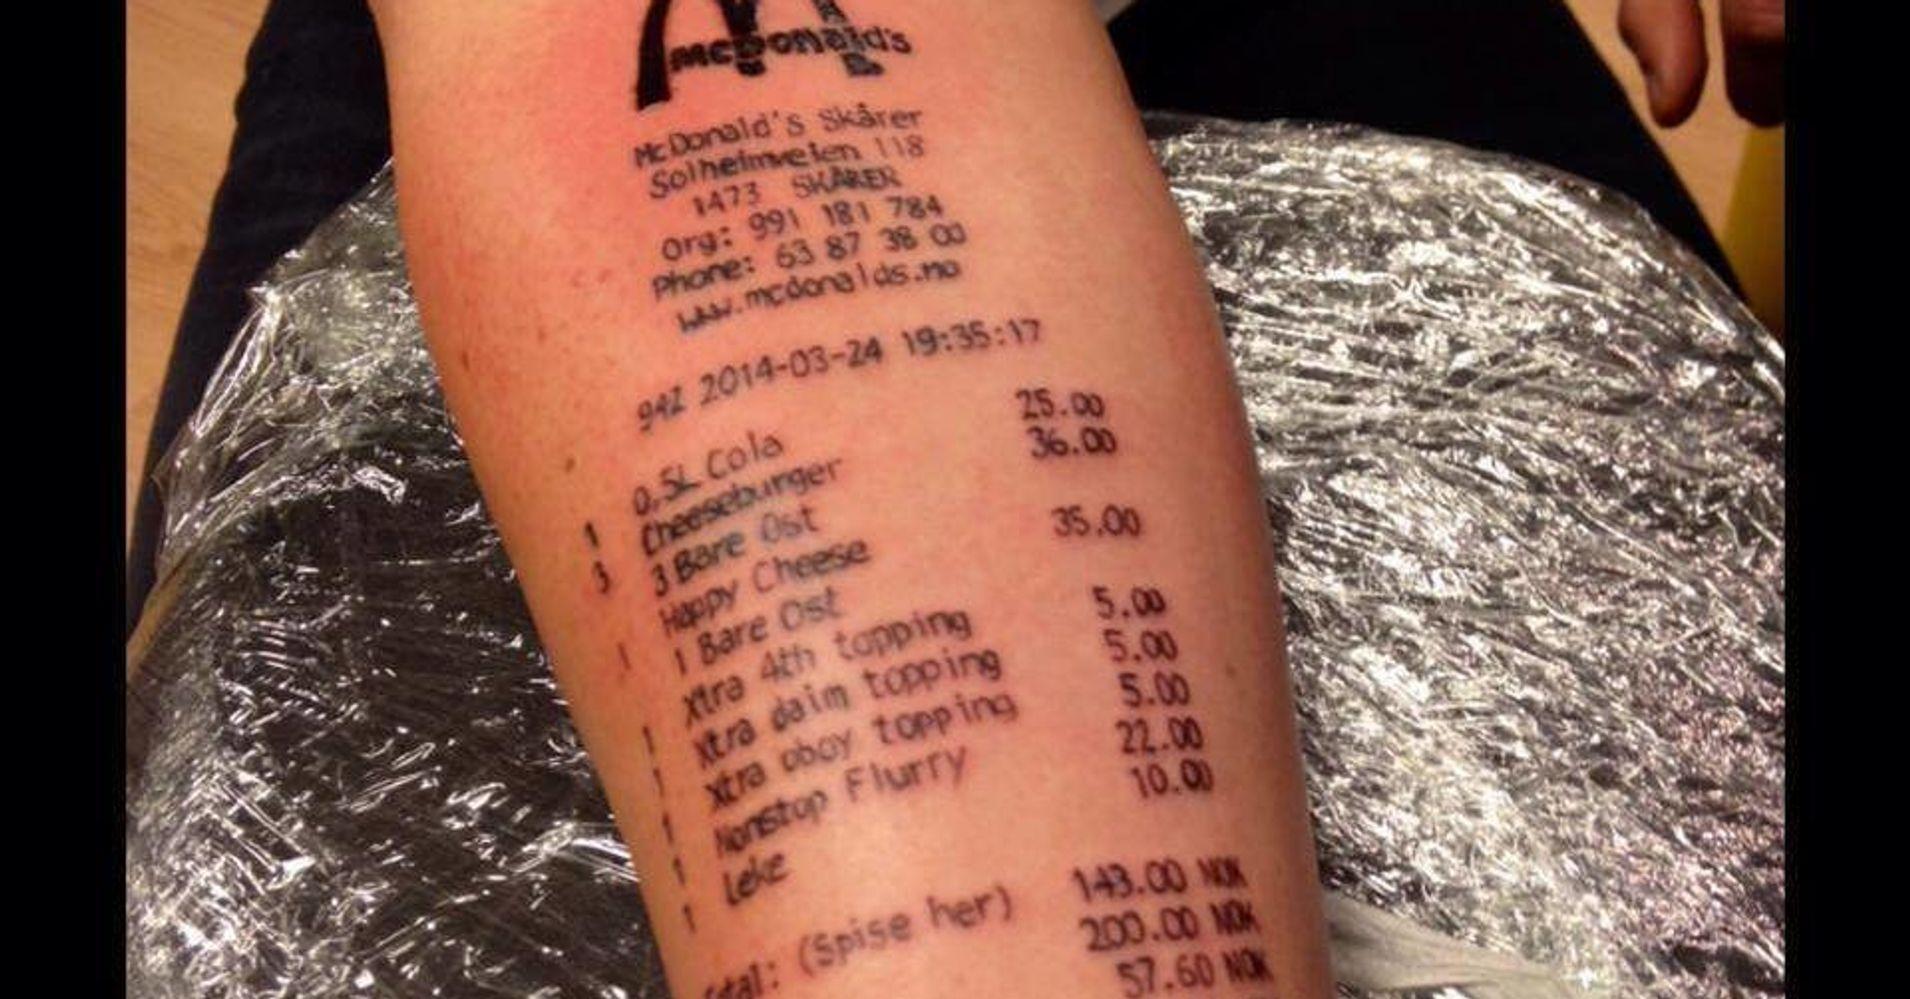 097db3902 Man Gets McDonald's Receipt Tattooed On Arm | HuffPost